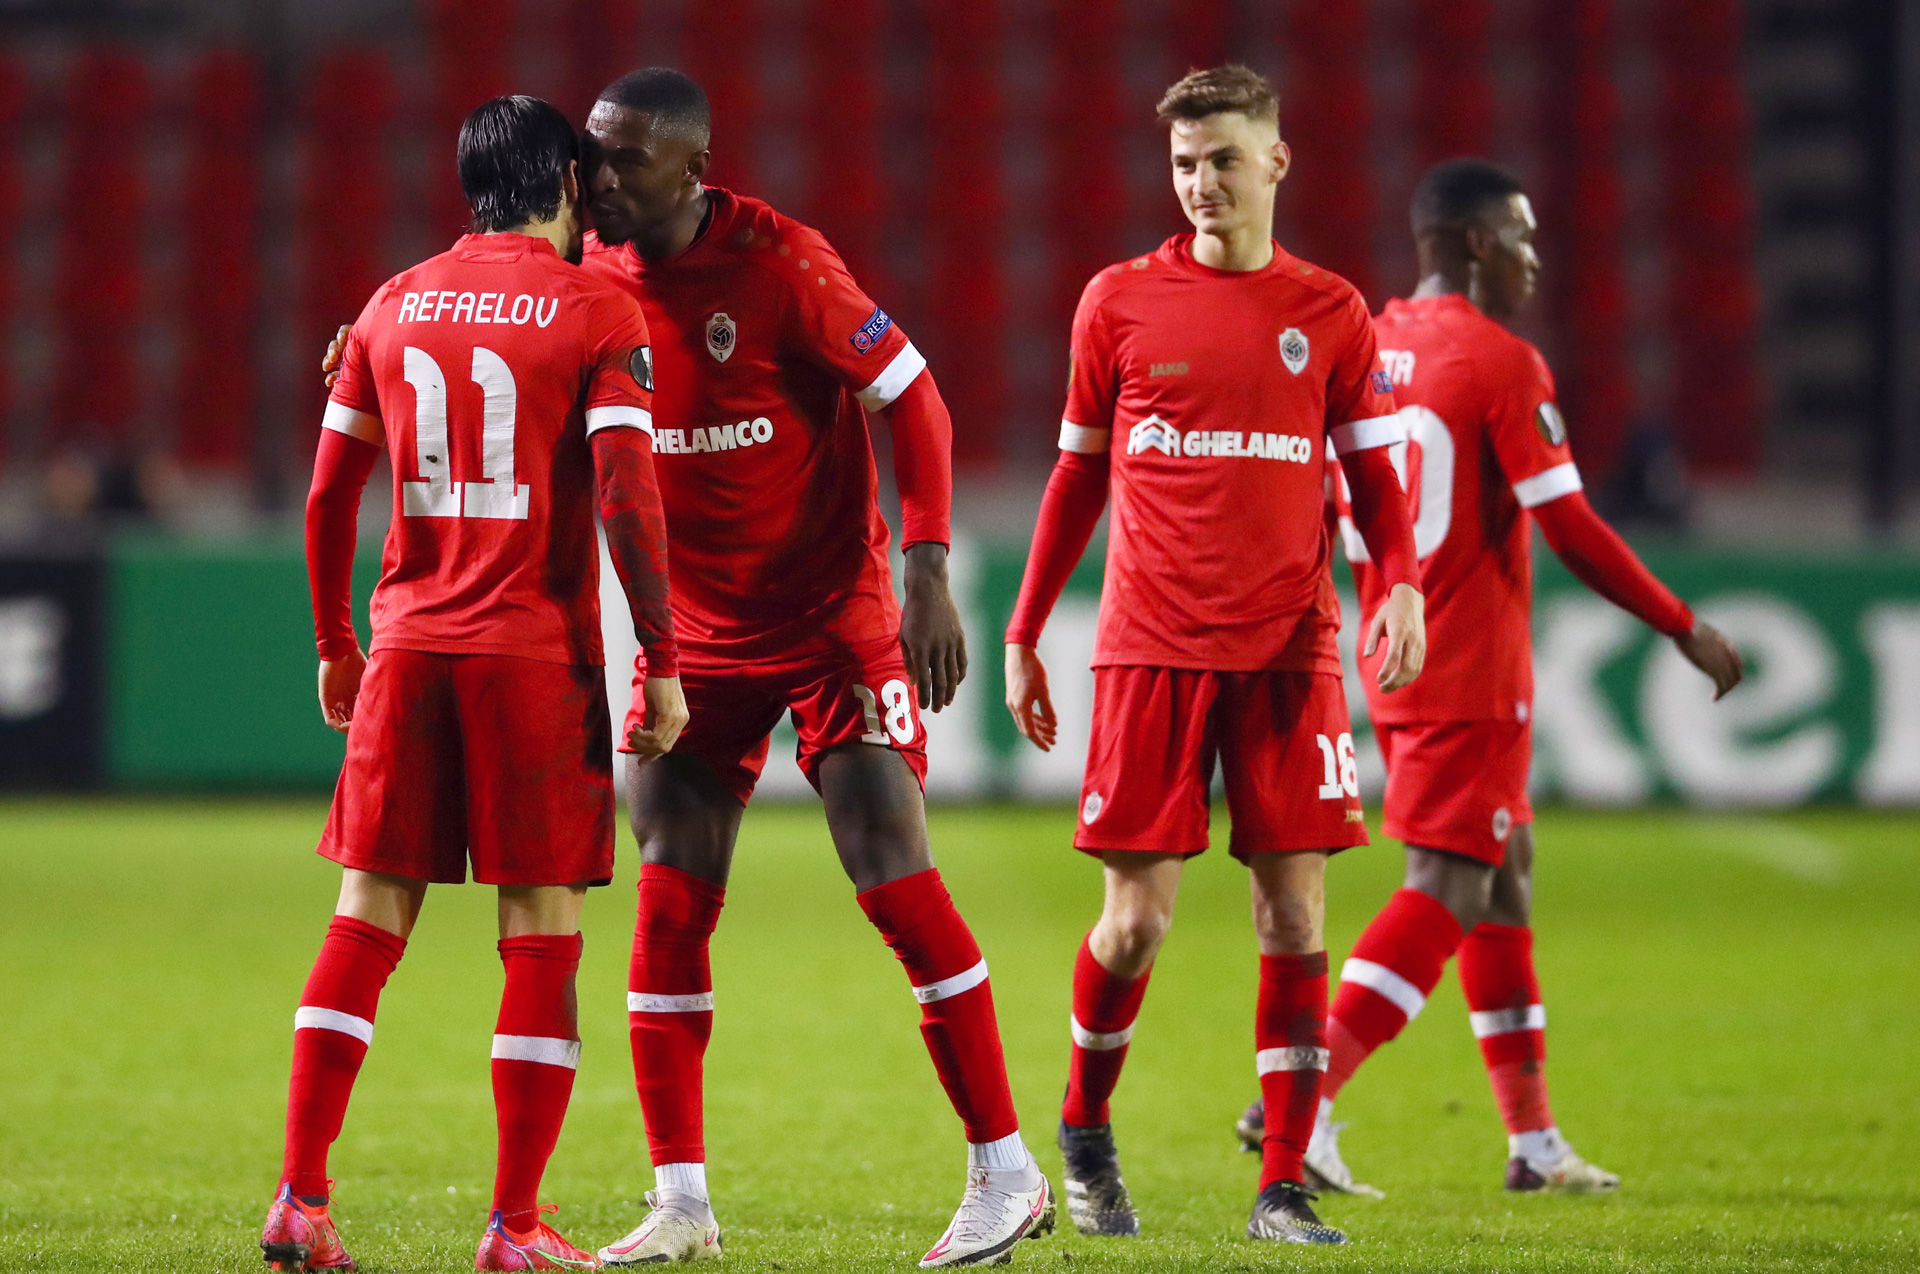 ベルギーの25クラブがオランダとのリーグ合併に賛成。合併構想、前進か